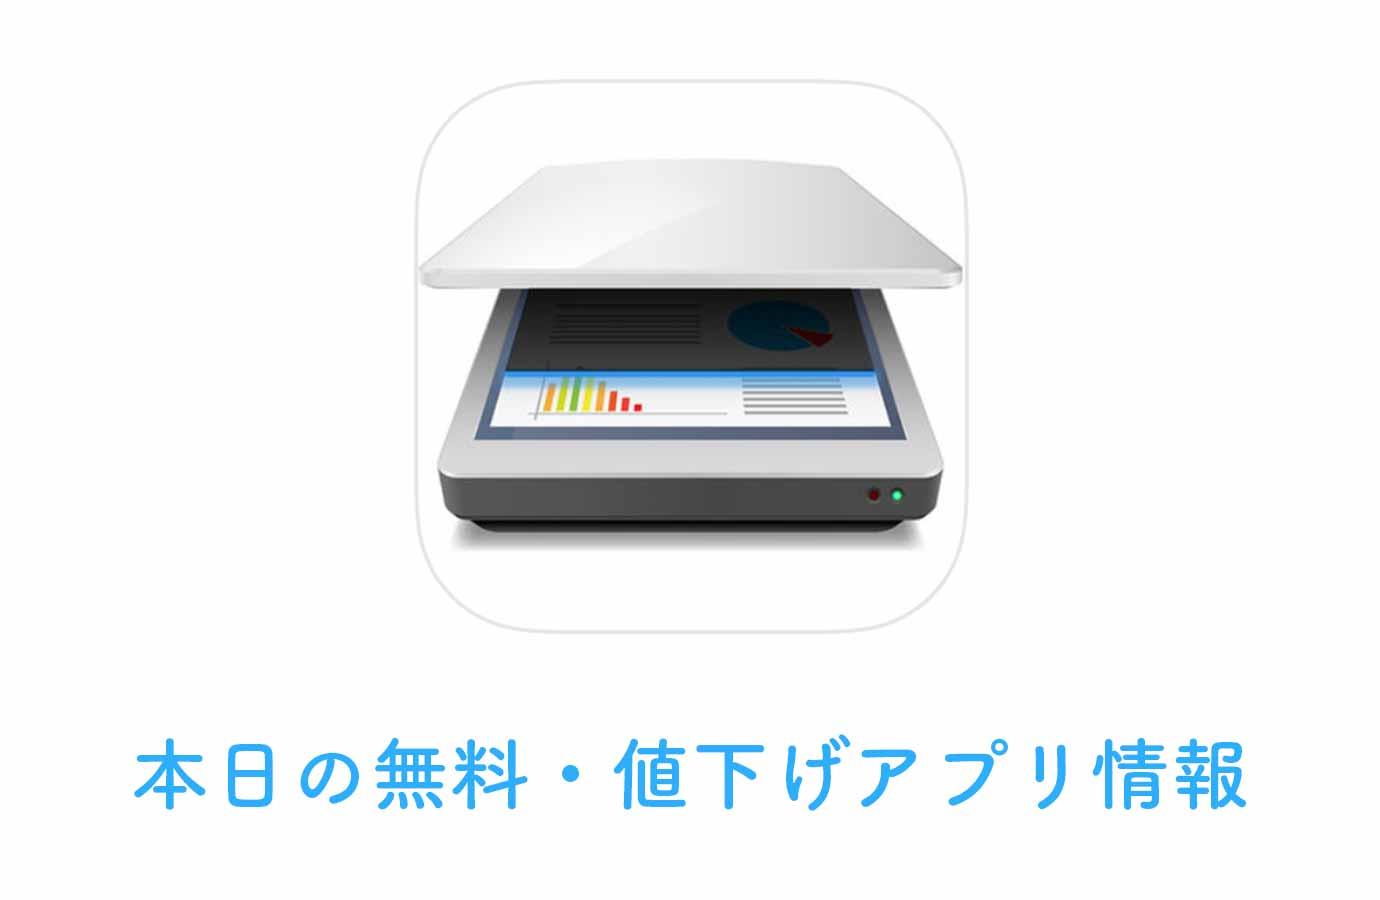 360円→無料、スキャナーアプリ「Scanner Plus」など【4/23】本日の無料・値下げアプリ情報